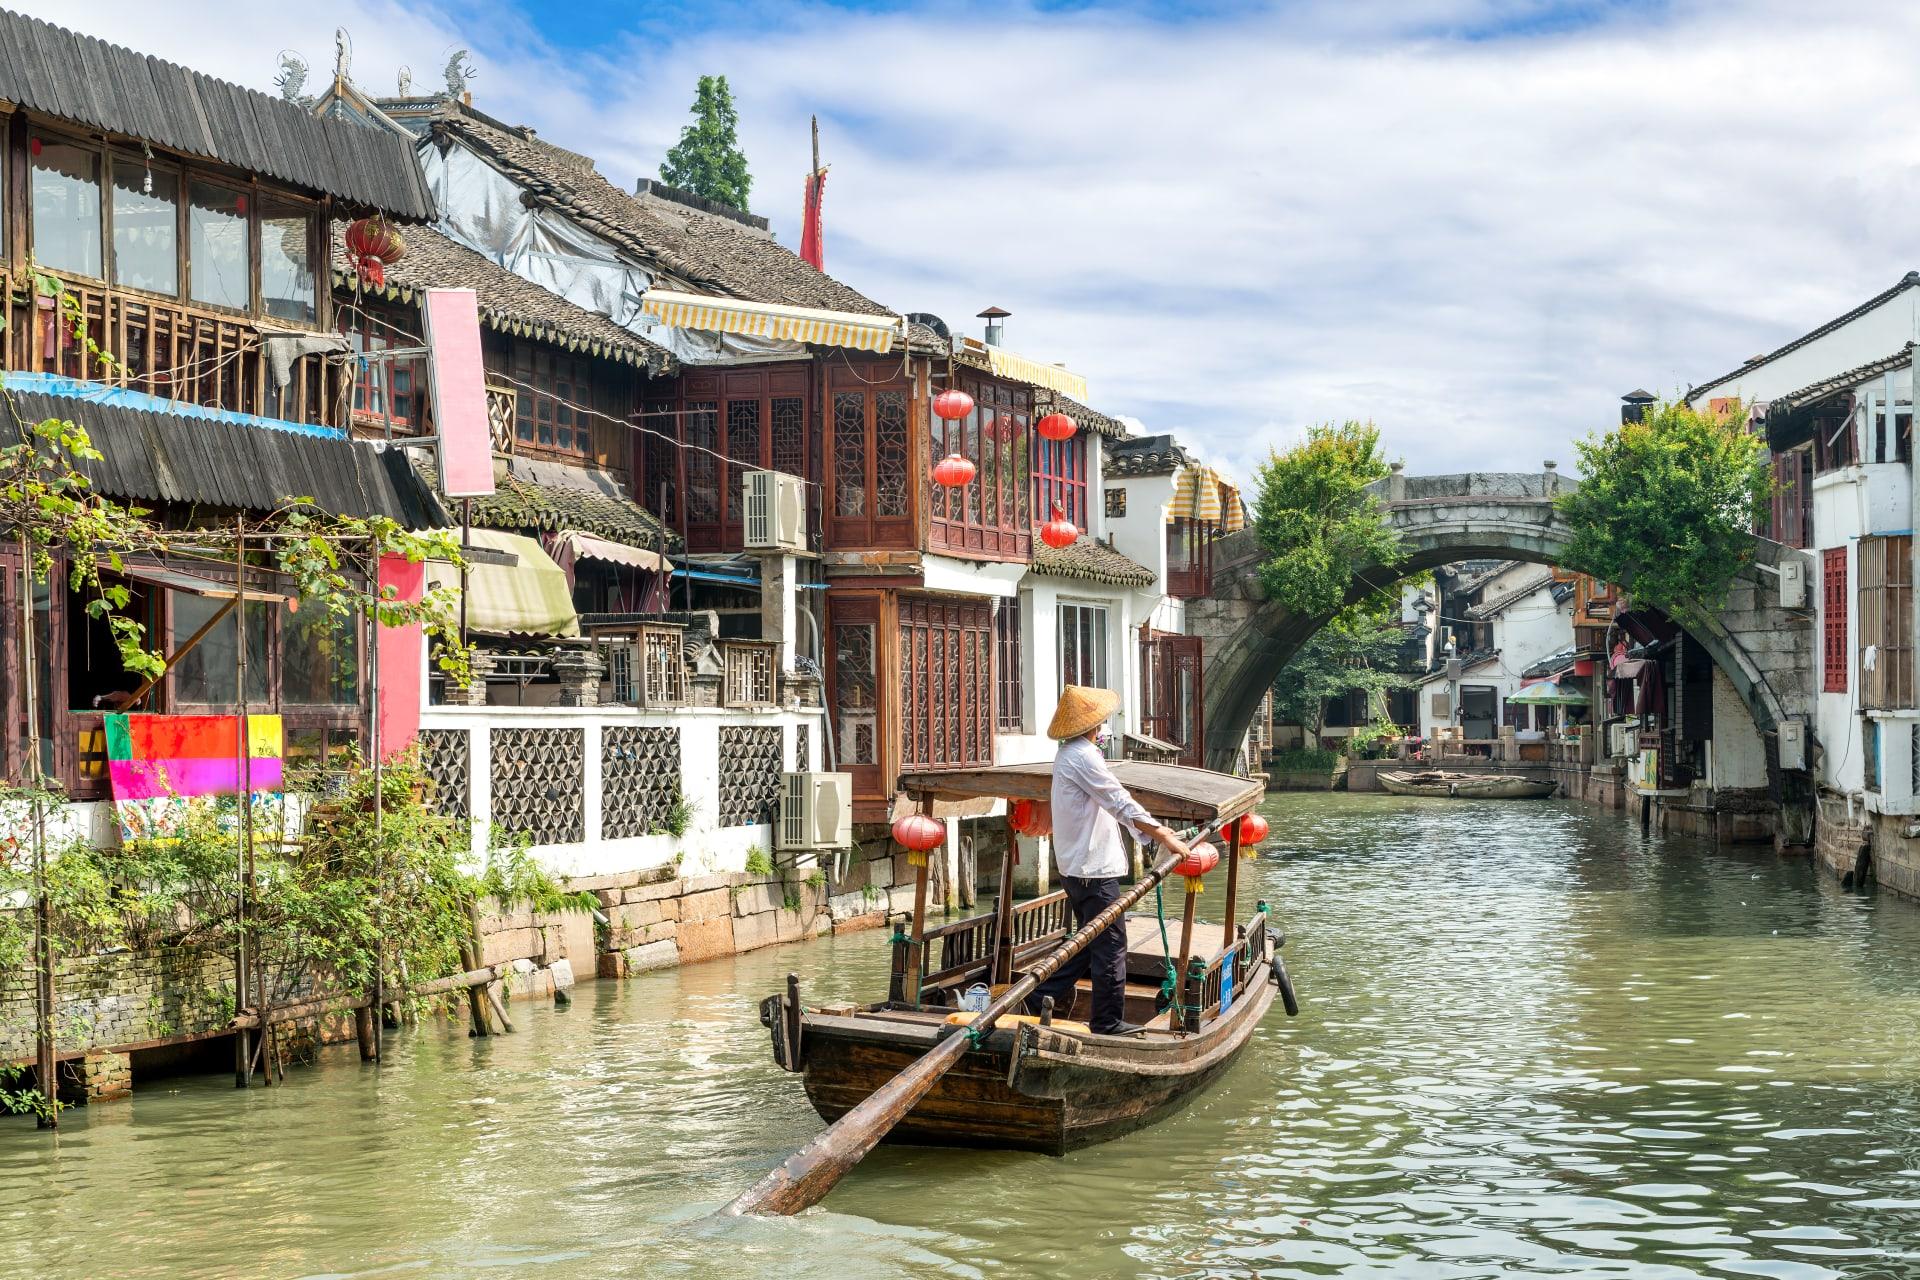 Shanghai - China Ancient Water Town: Exploring Zhujiajiao